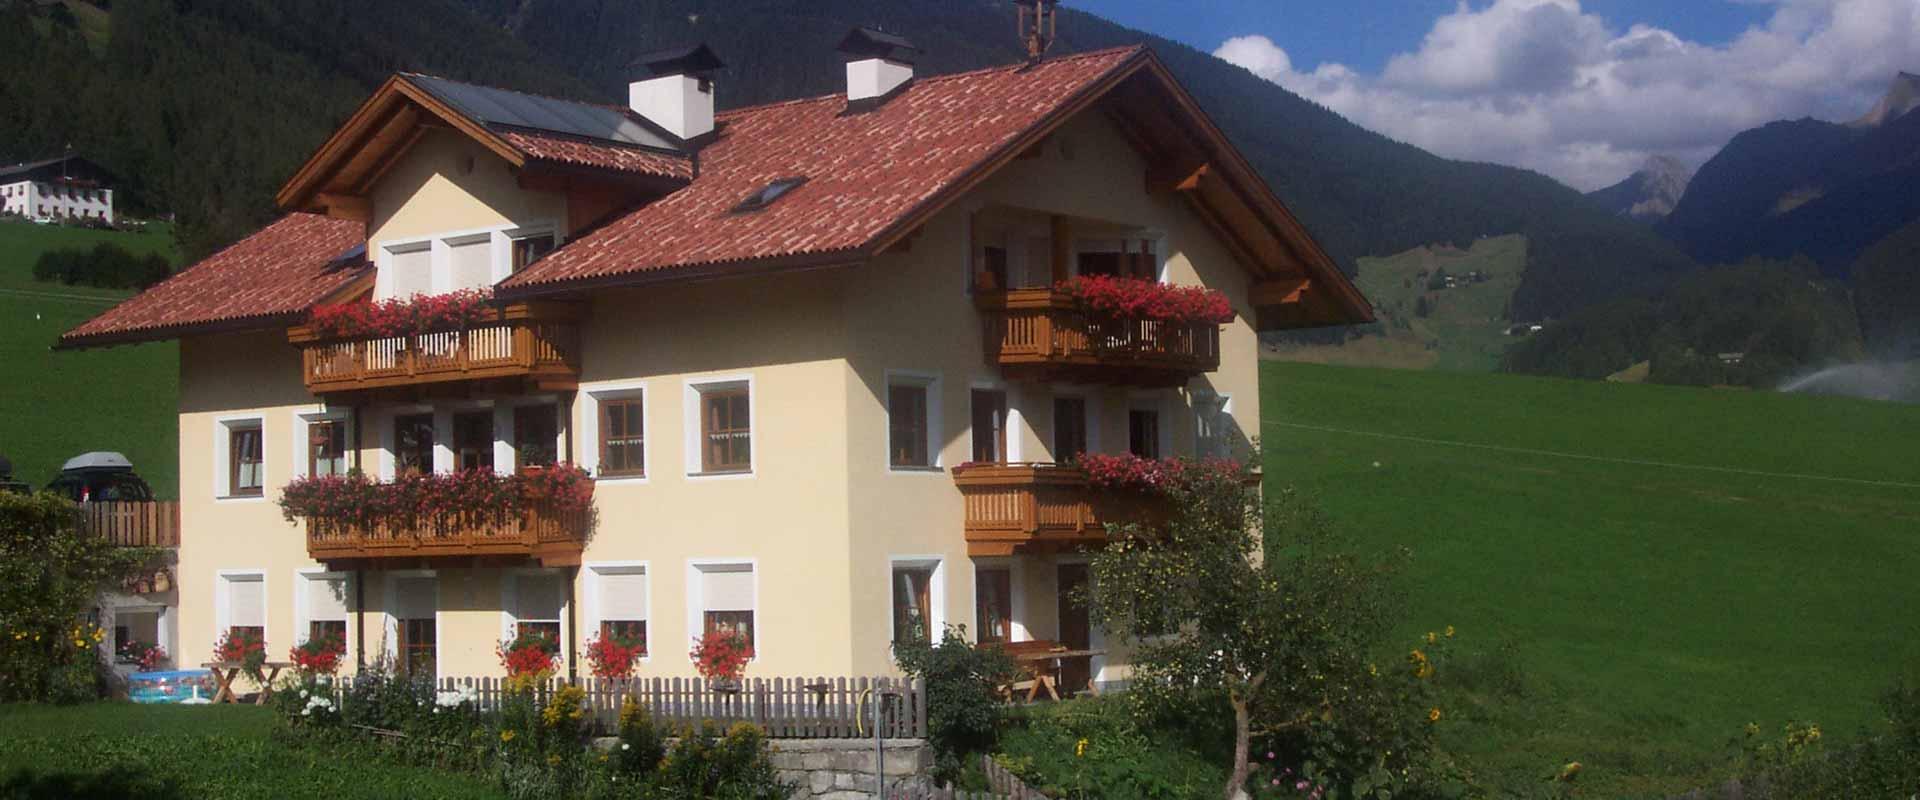 Bild: Aussenansicht Residence Kuenlechn